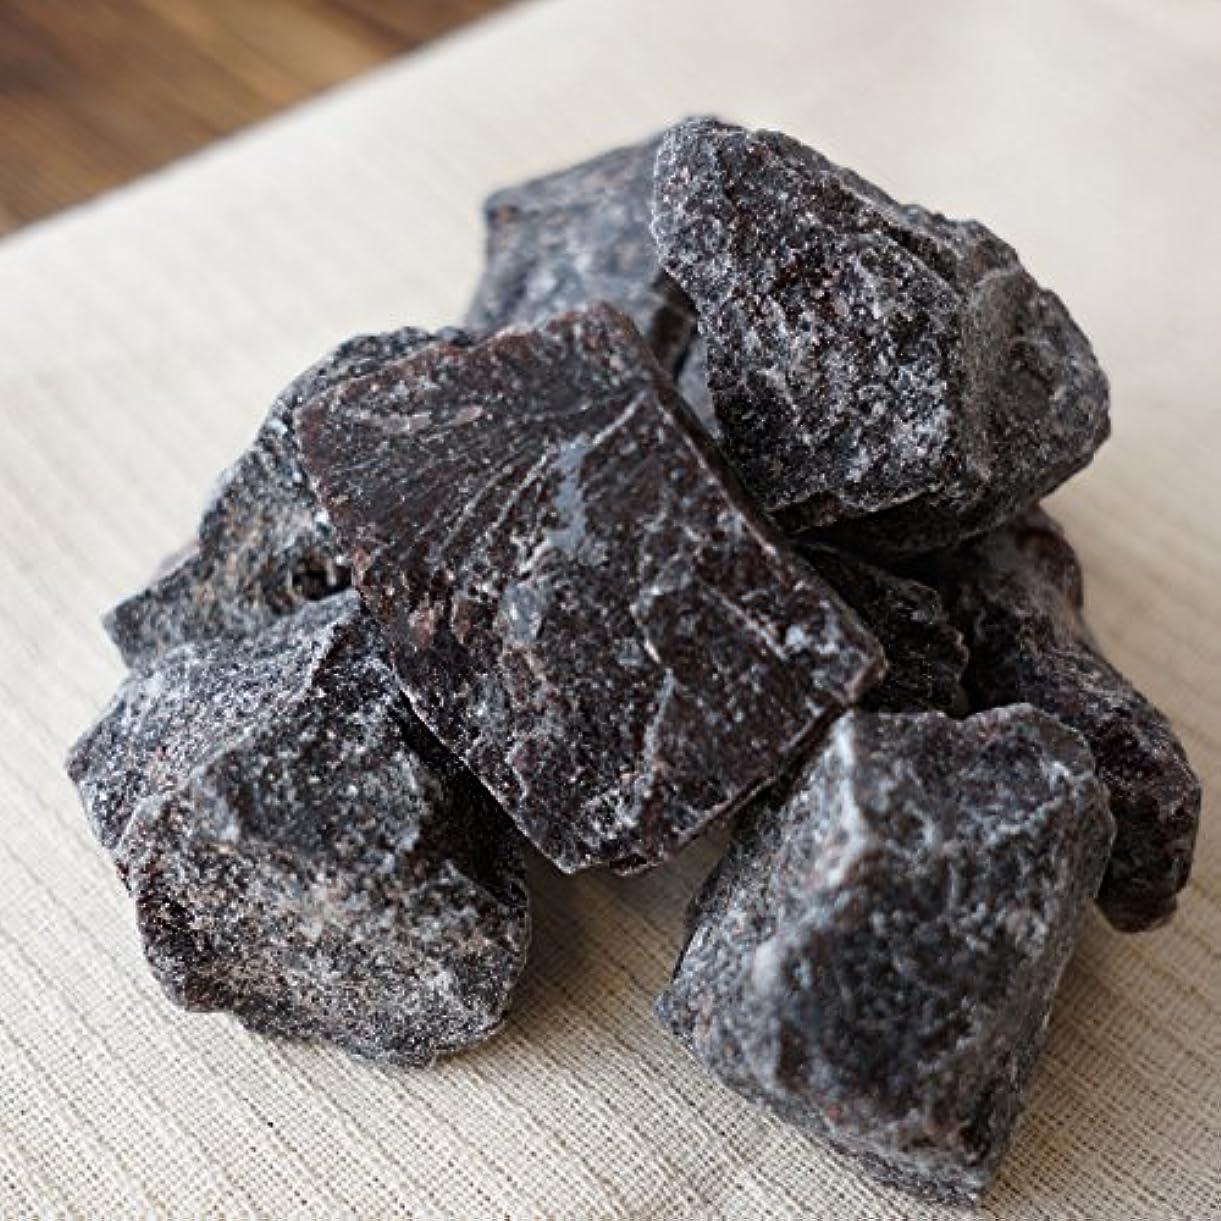 不明瞭シャックル大気希少 インド岩塩 ルビー ブロック 約2-5cm 10kg 10,000g 原料